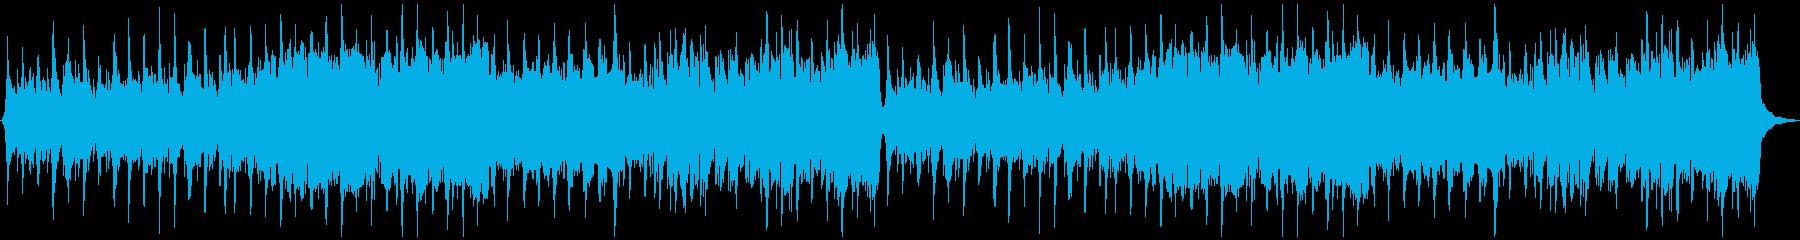 中世の切ない古楽の再生済みの波形